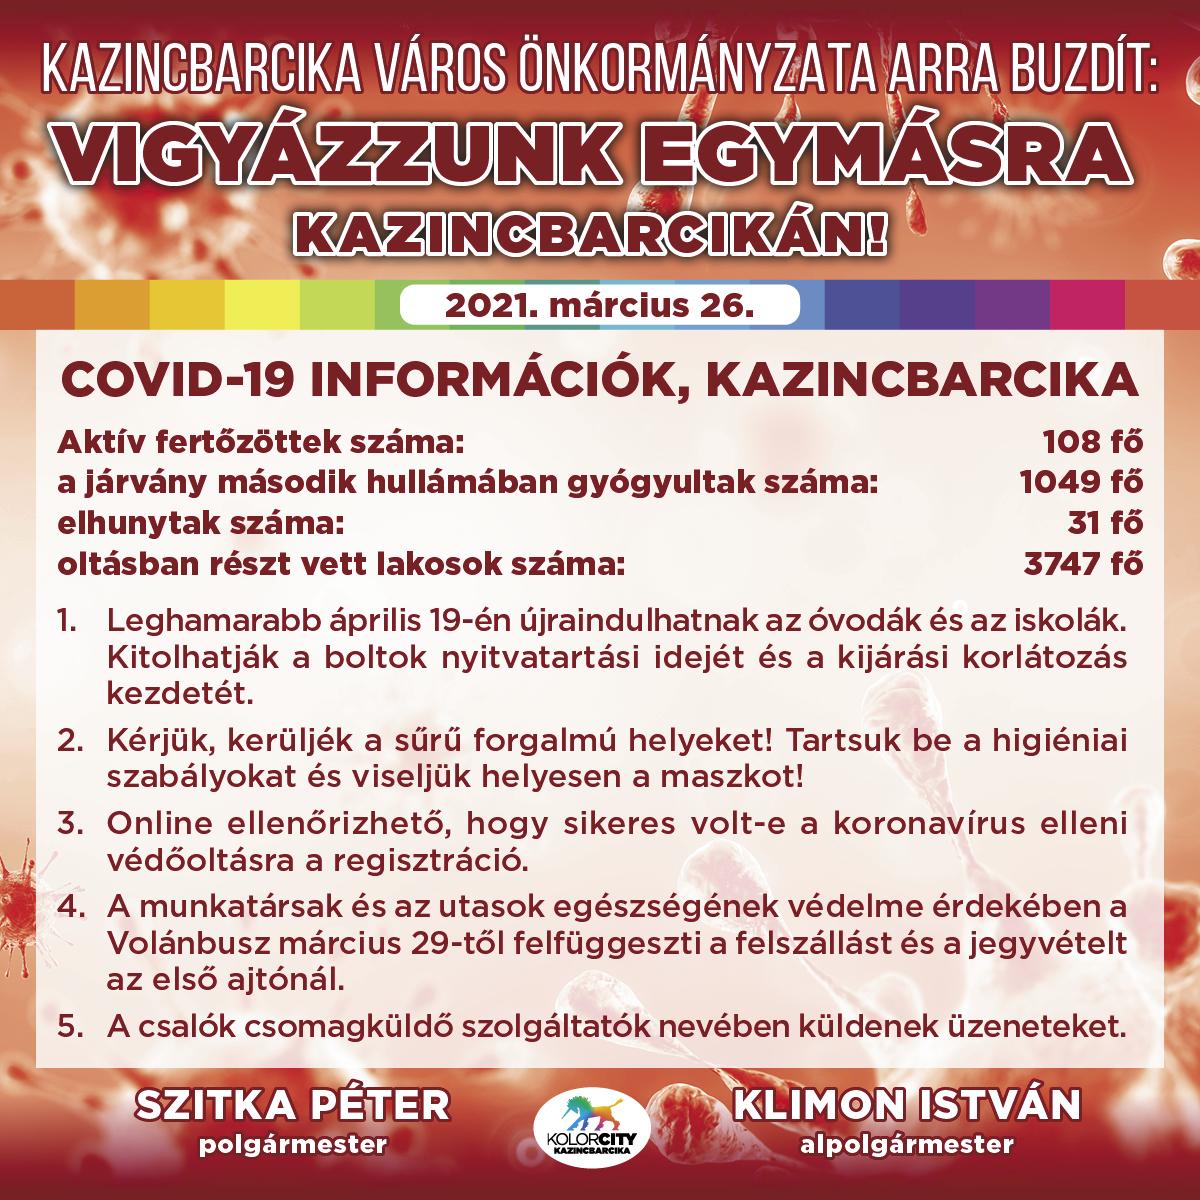 https://kolorline.hu/Vigyázzunk egymásra Kazincbarcikán! – 2021. március 26.